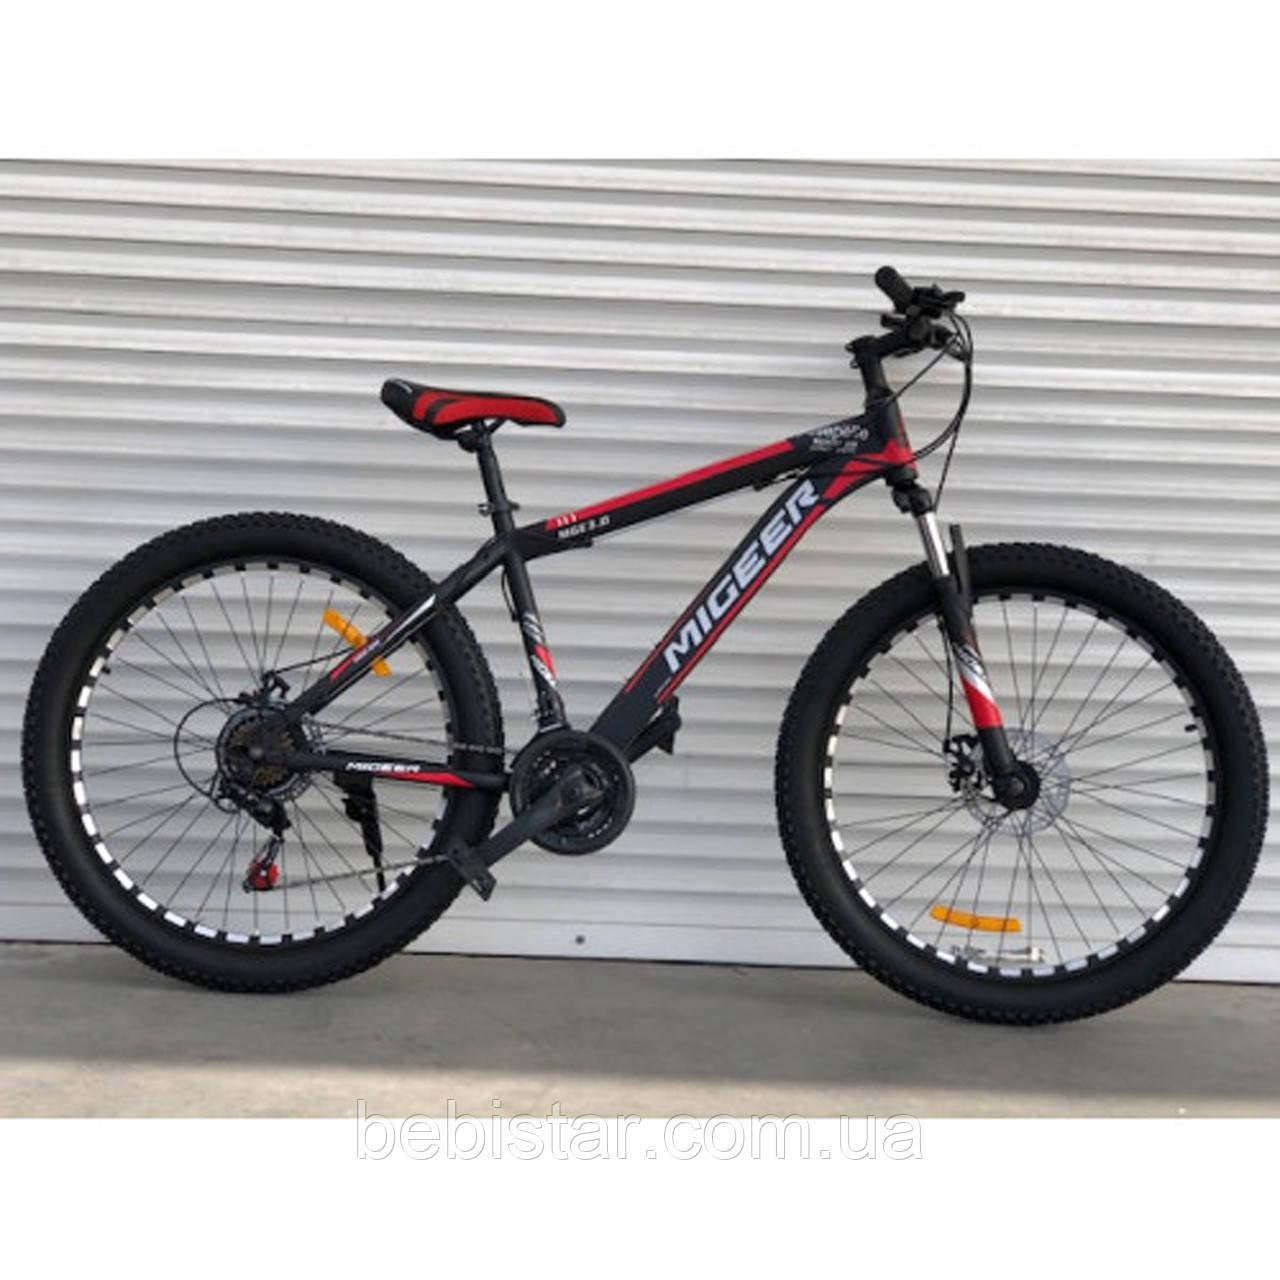 """Спортивний велосипед чорно-червоний ТopRider 26"""" металева рама 17"""" ріст 160 - 180см"""